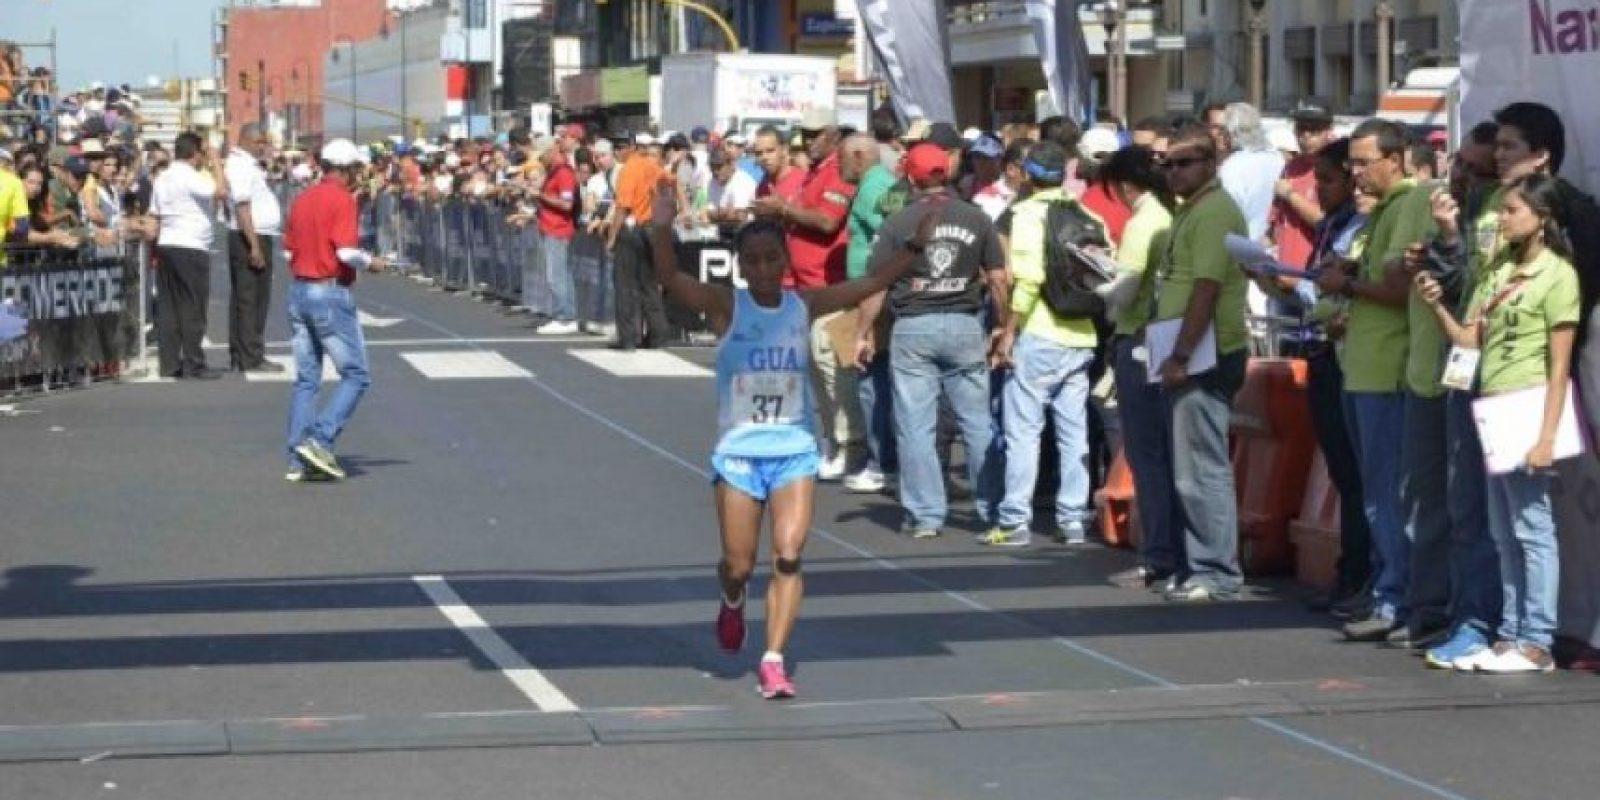 La jutiapaneca Dina Cruz ingresa a la meta en el segundo puesto. Su tiempo fue de 3 horas 3 minutos y 51 segundos. Foto:Mynor Arita, enviado especial